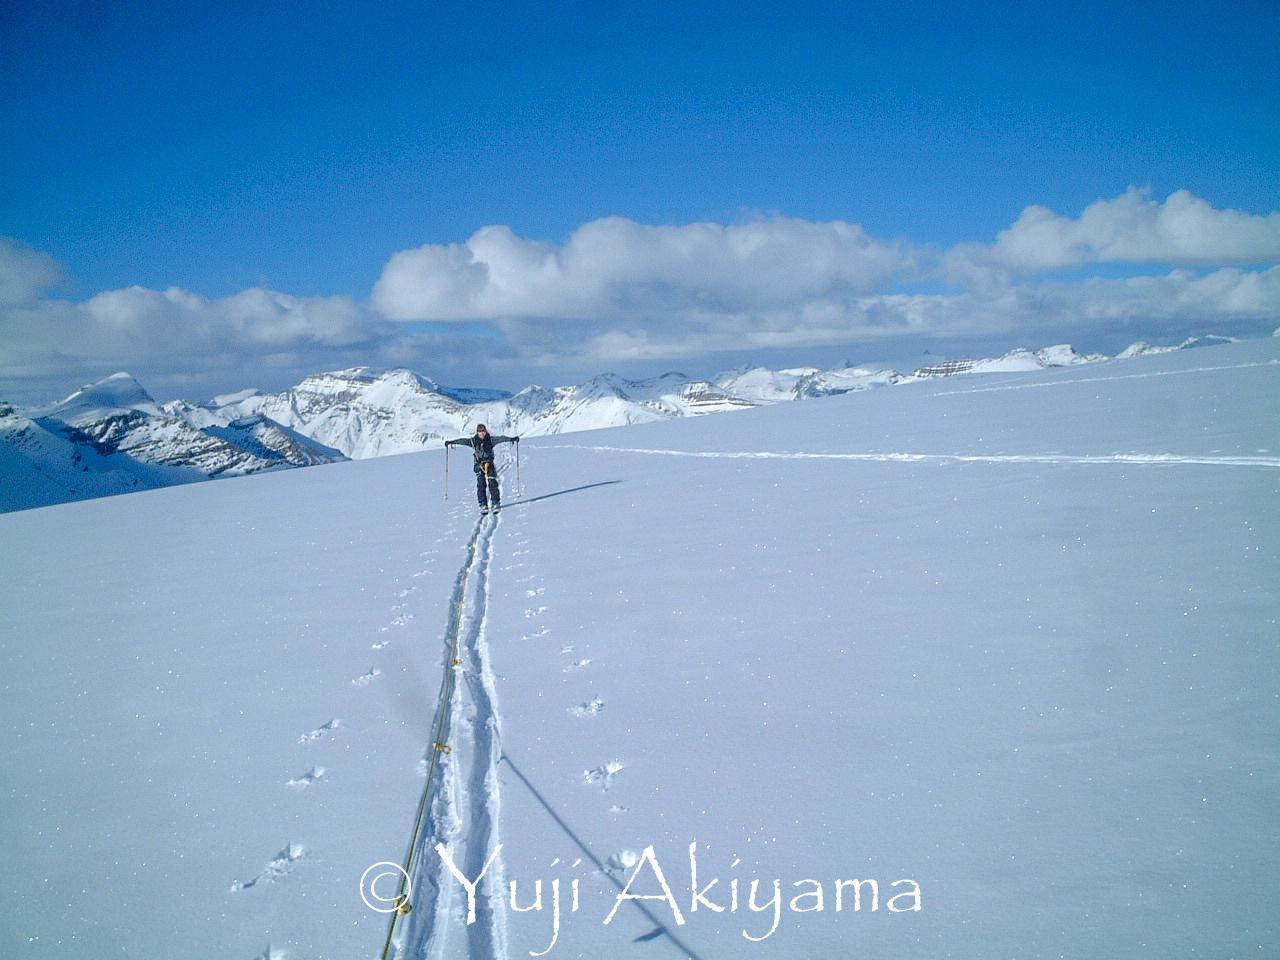 氷河上はロープを繋ぐ箇所もあり